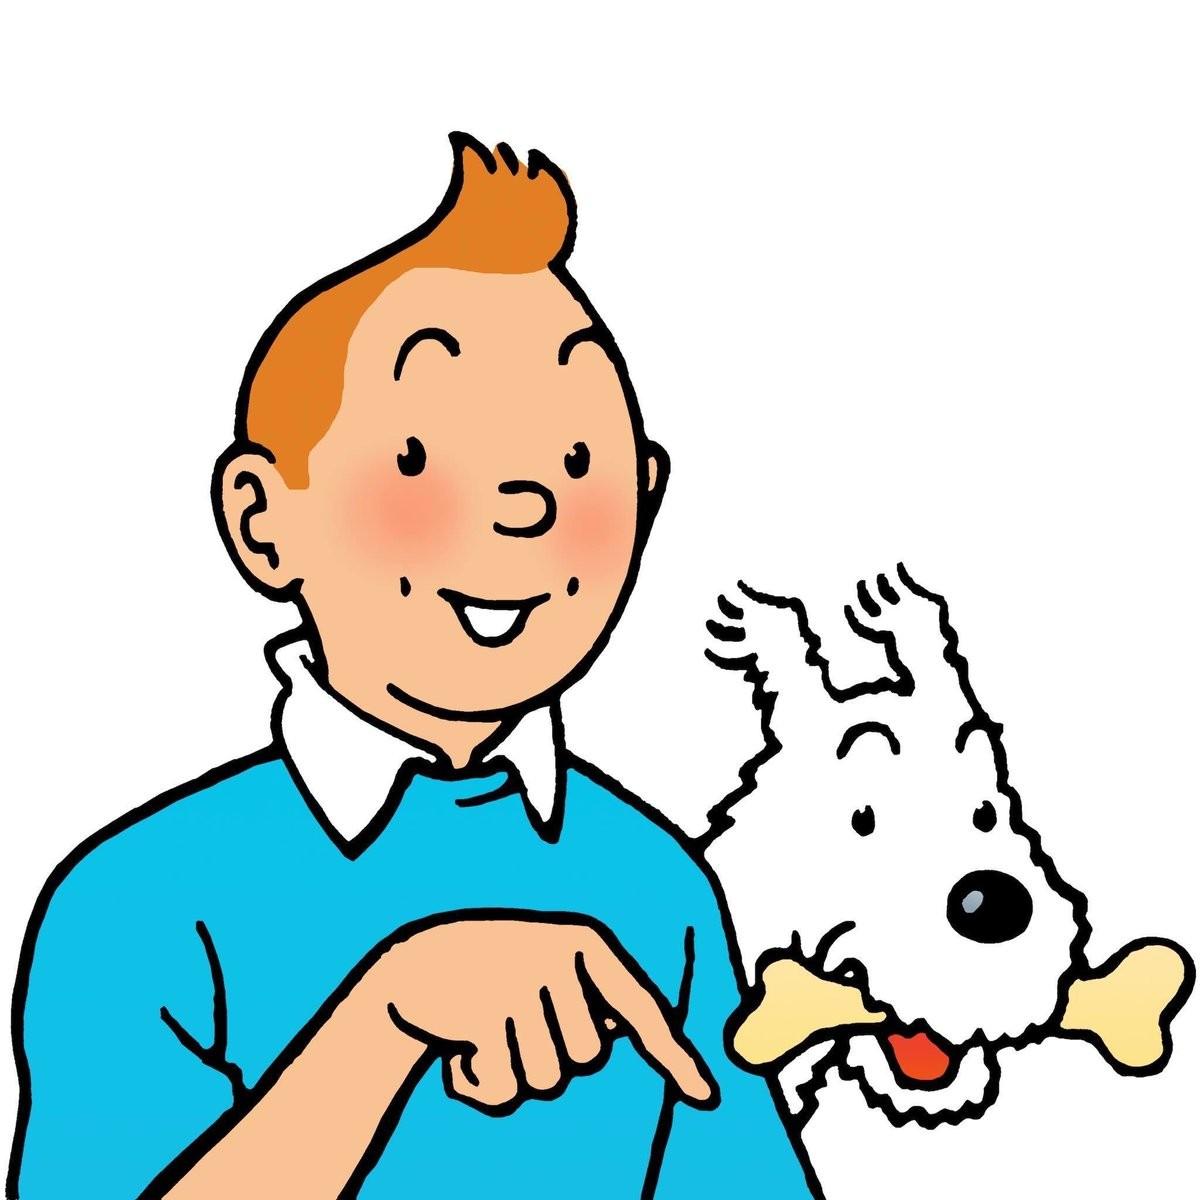 Prénoms des personnages de Tintin